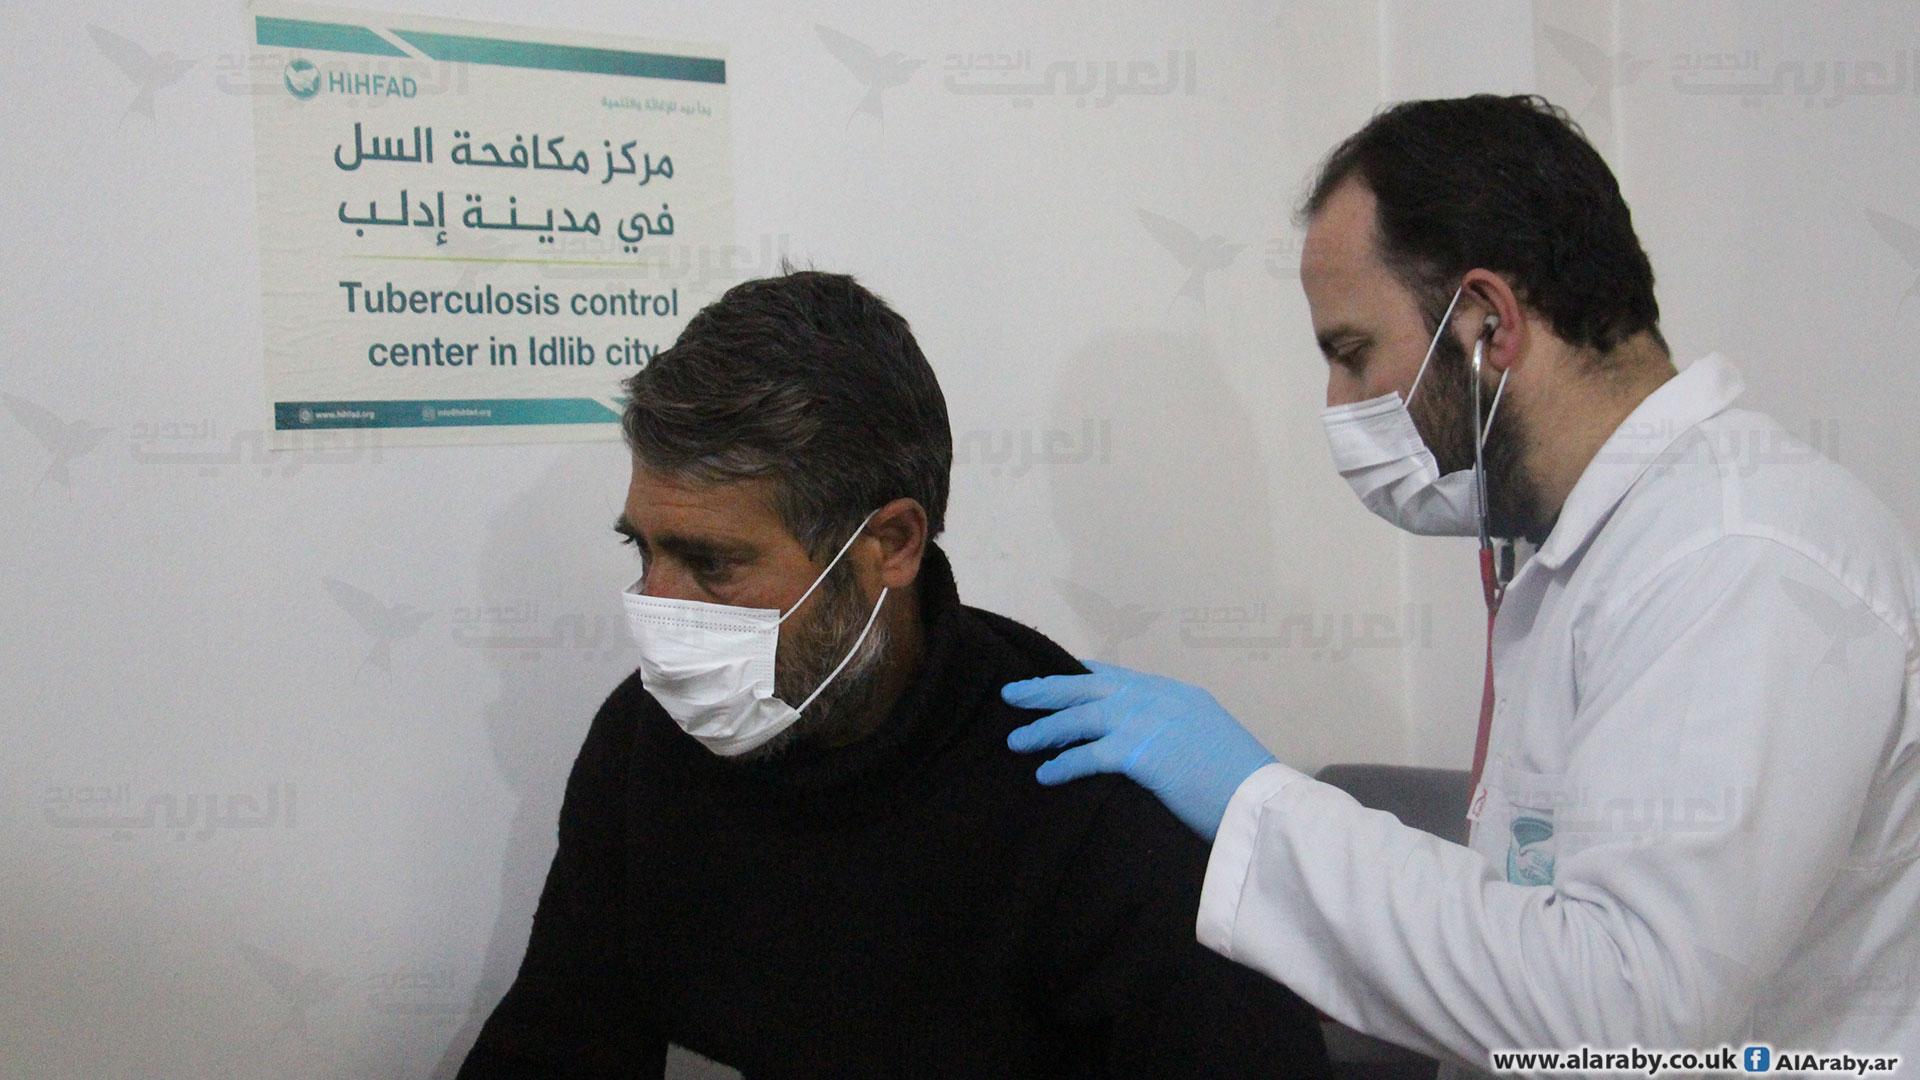 مرض السل في الشمال السوري 2 (العربي الجديد)